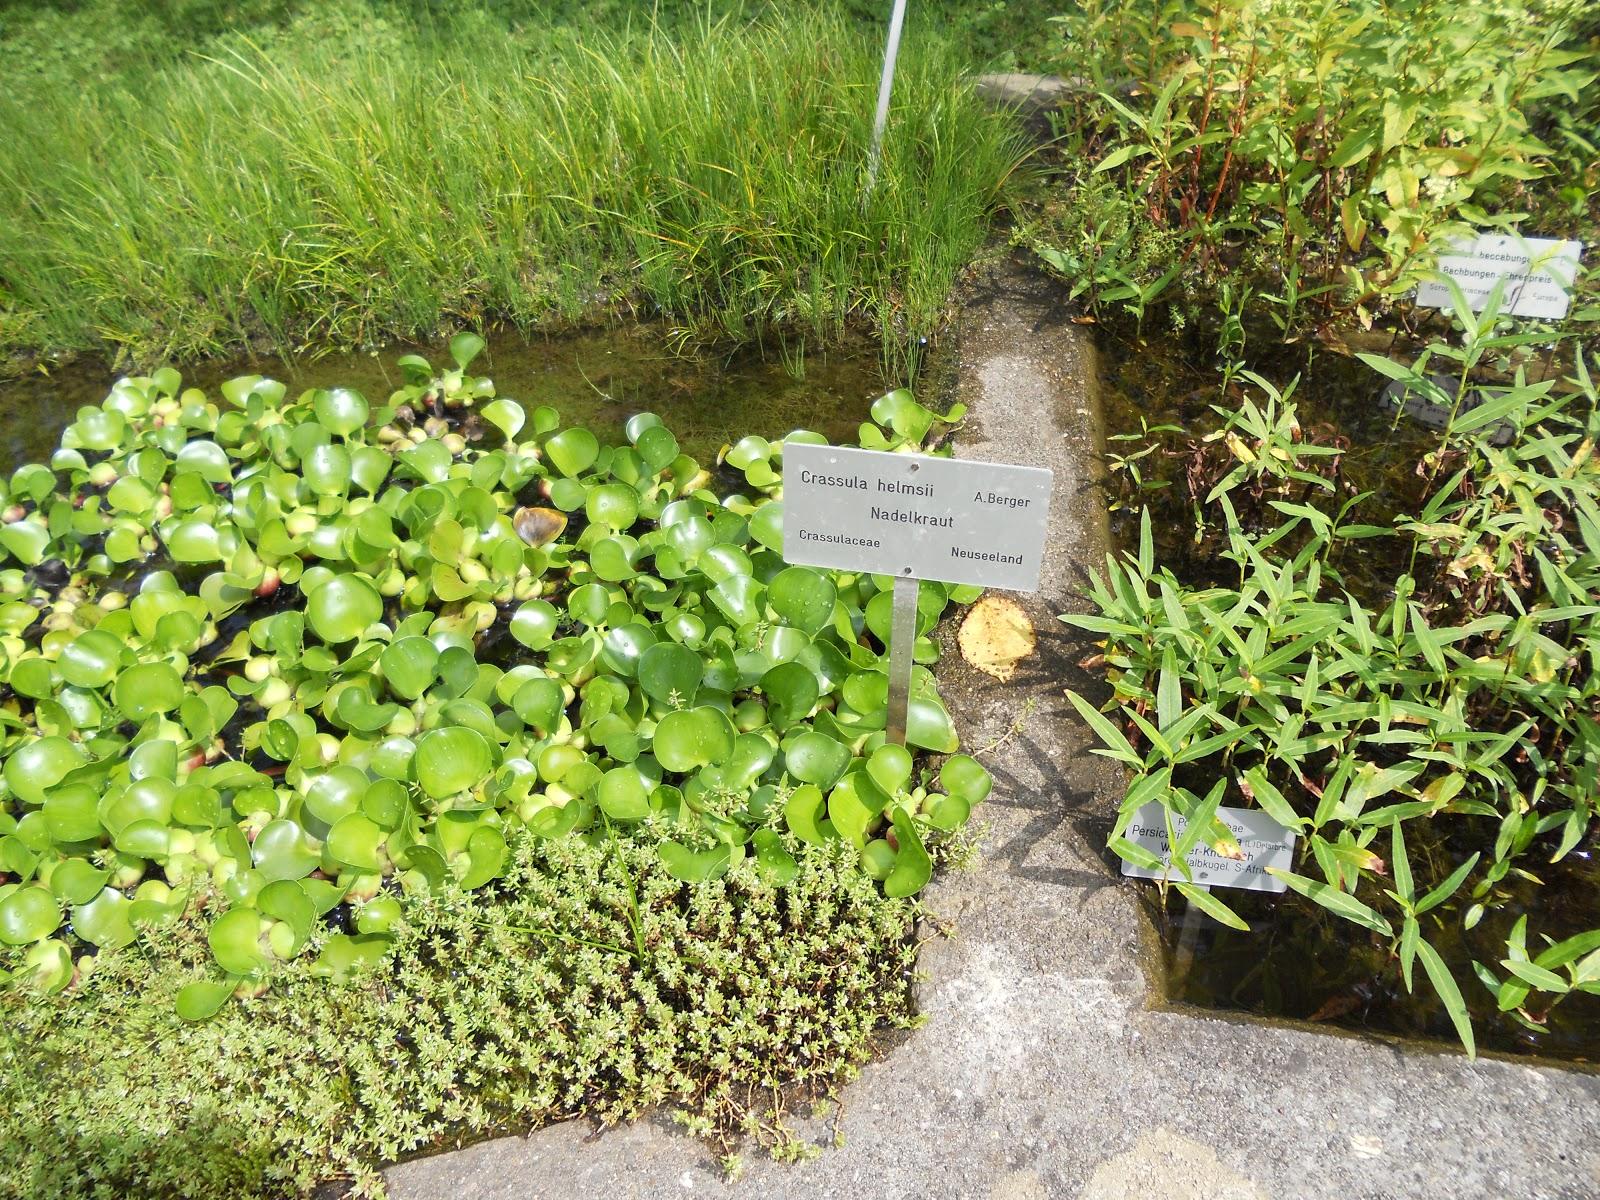 Jardineria eladio nonay plantas acu ticas sumergidas u - Jardineria eladio nonay ...